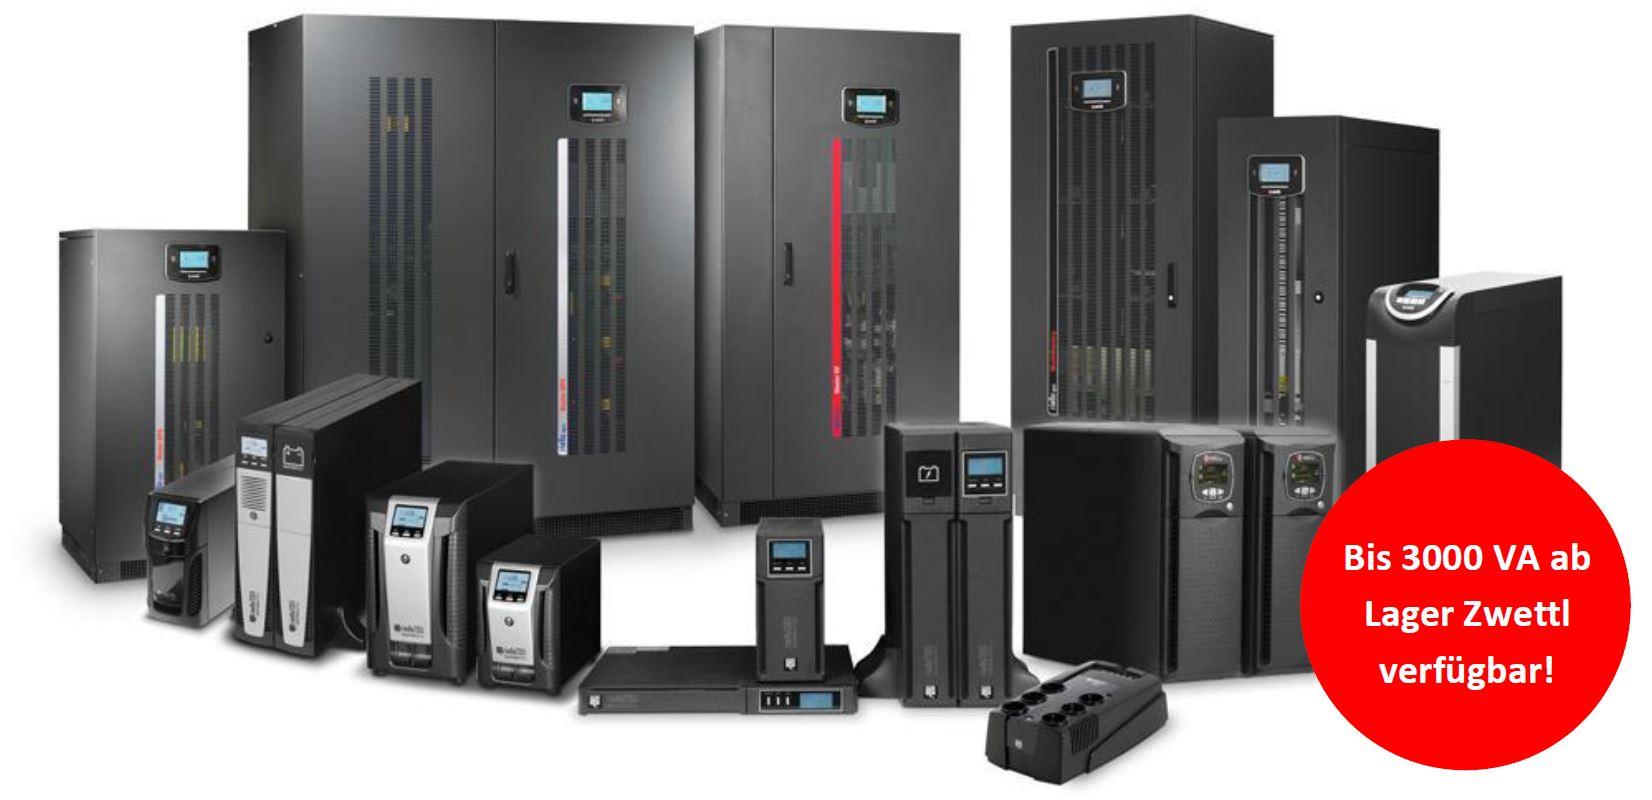 Riello UPS USV-Anlagen von 500 VA bis 200 kVA